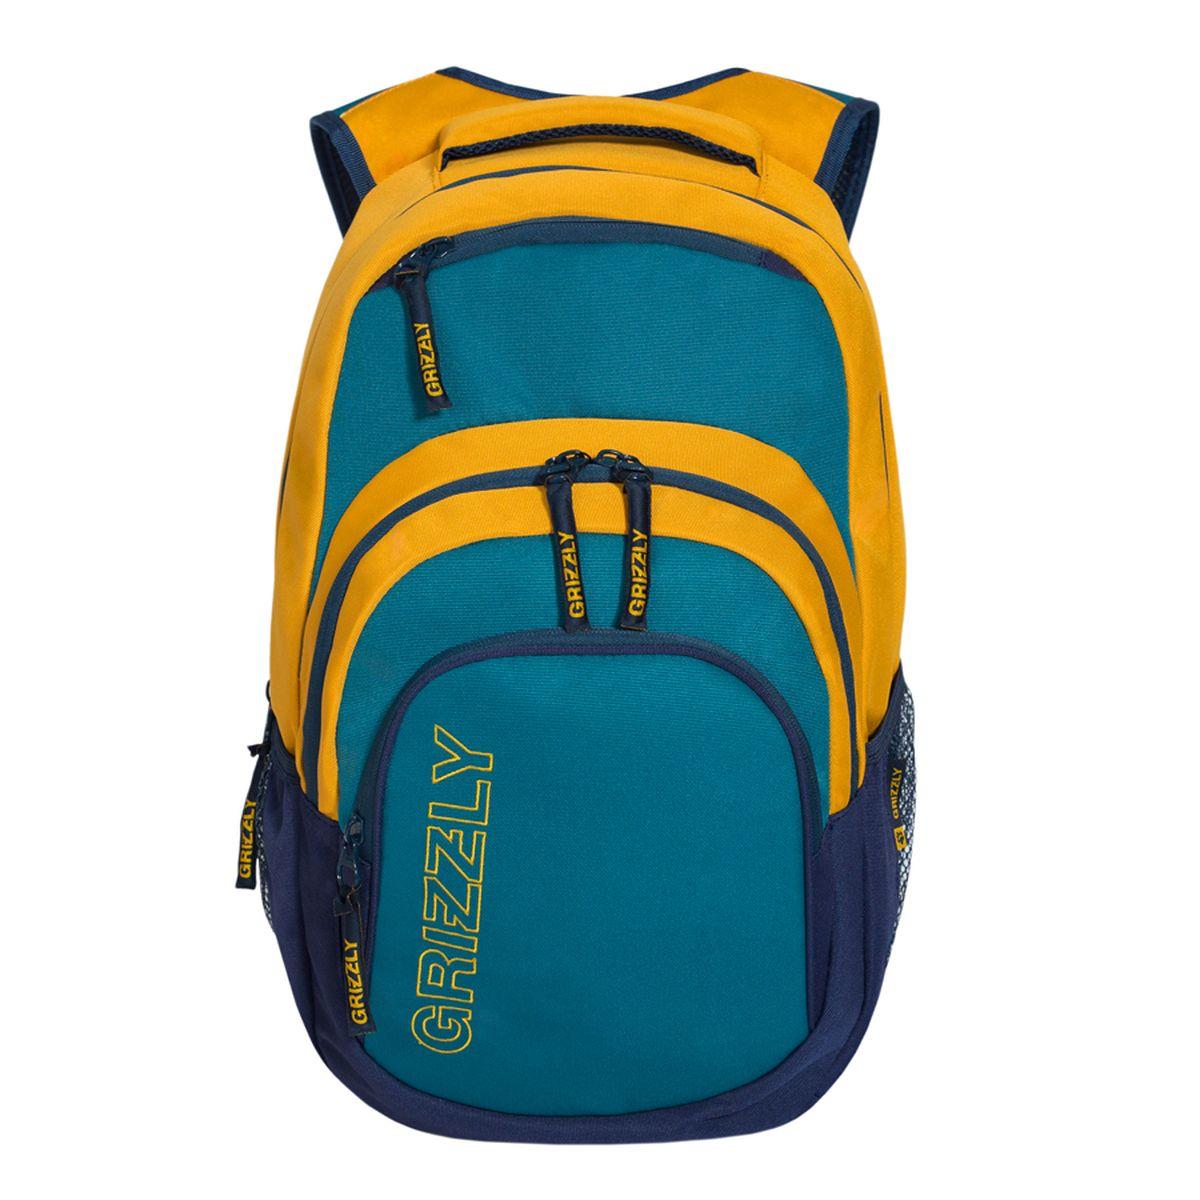 Рюкзак городской Grizzly, цвет: бирюзовый, желтый. 32 л. RU-704-1/3 рюкзак городской grizzly цвет черный желтый 22 л ru 603 1 2